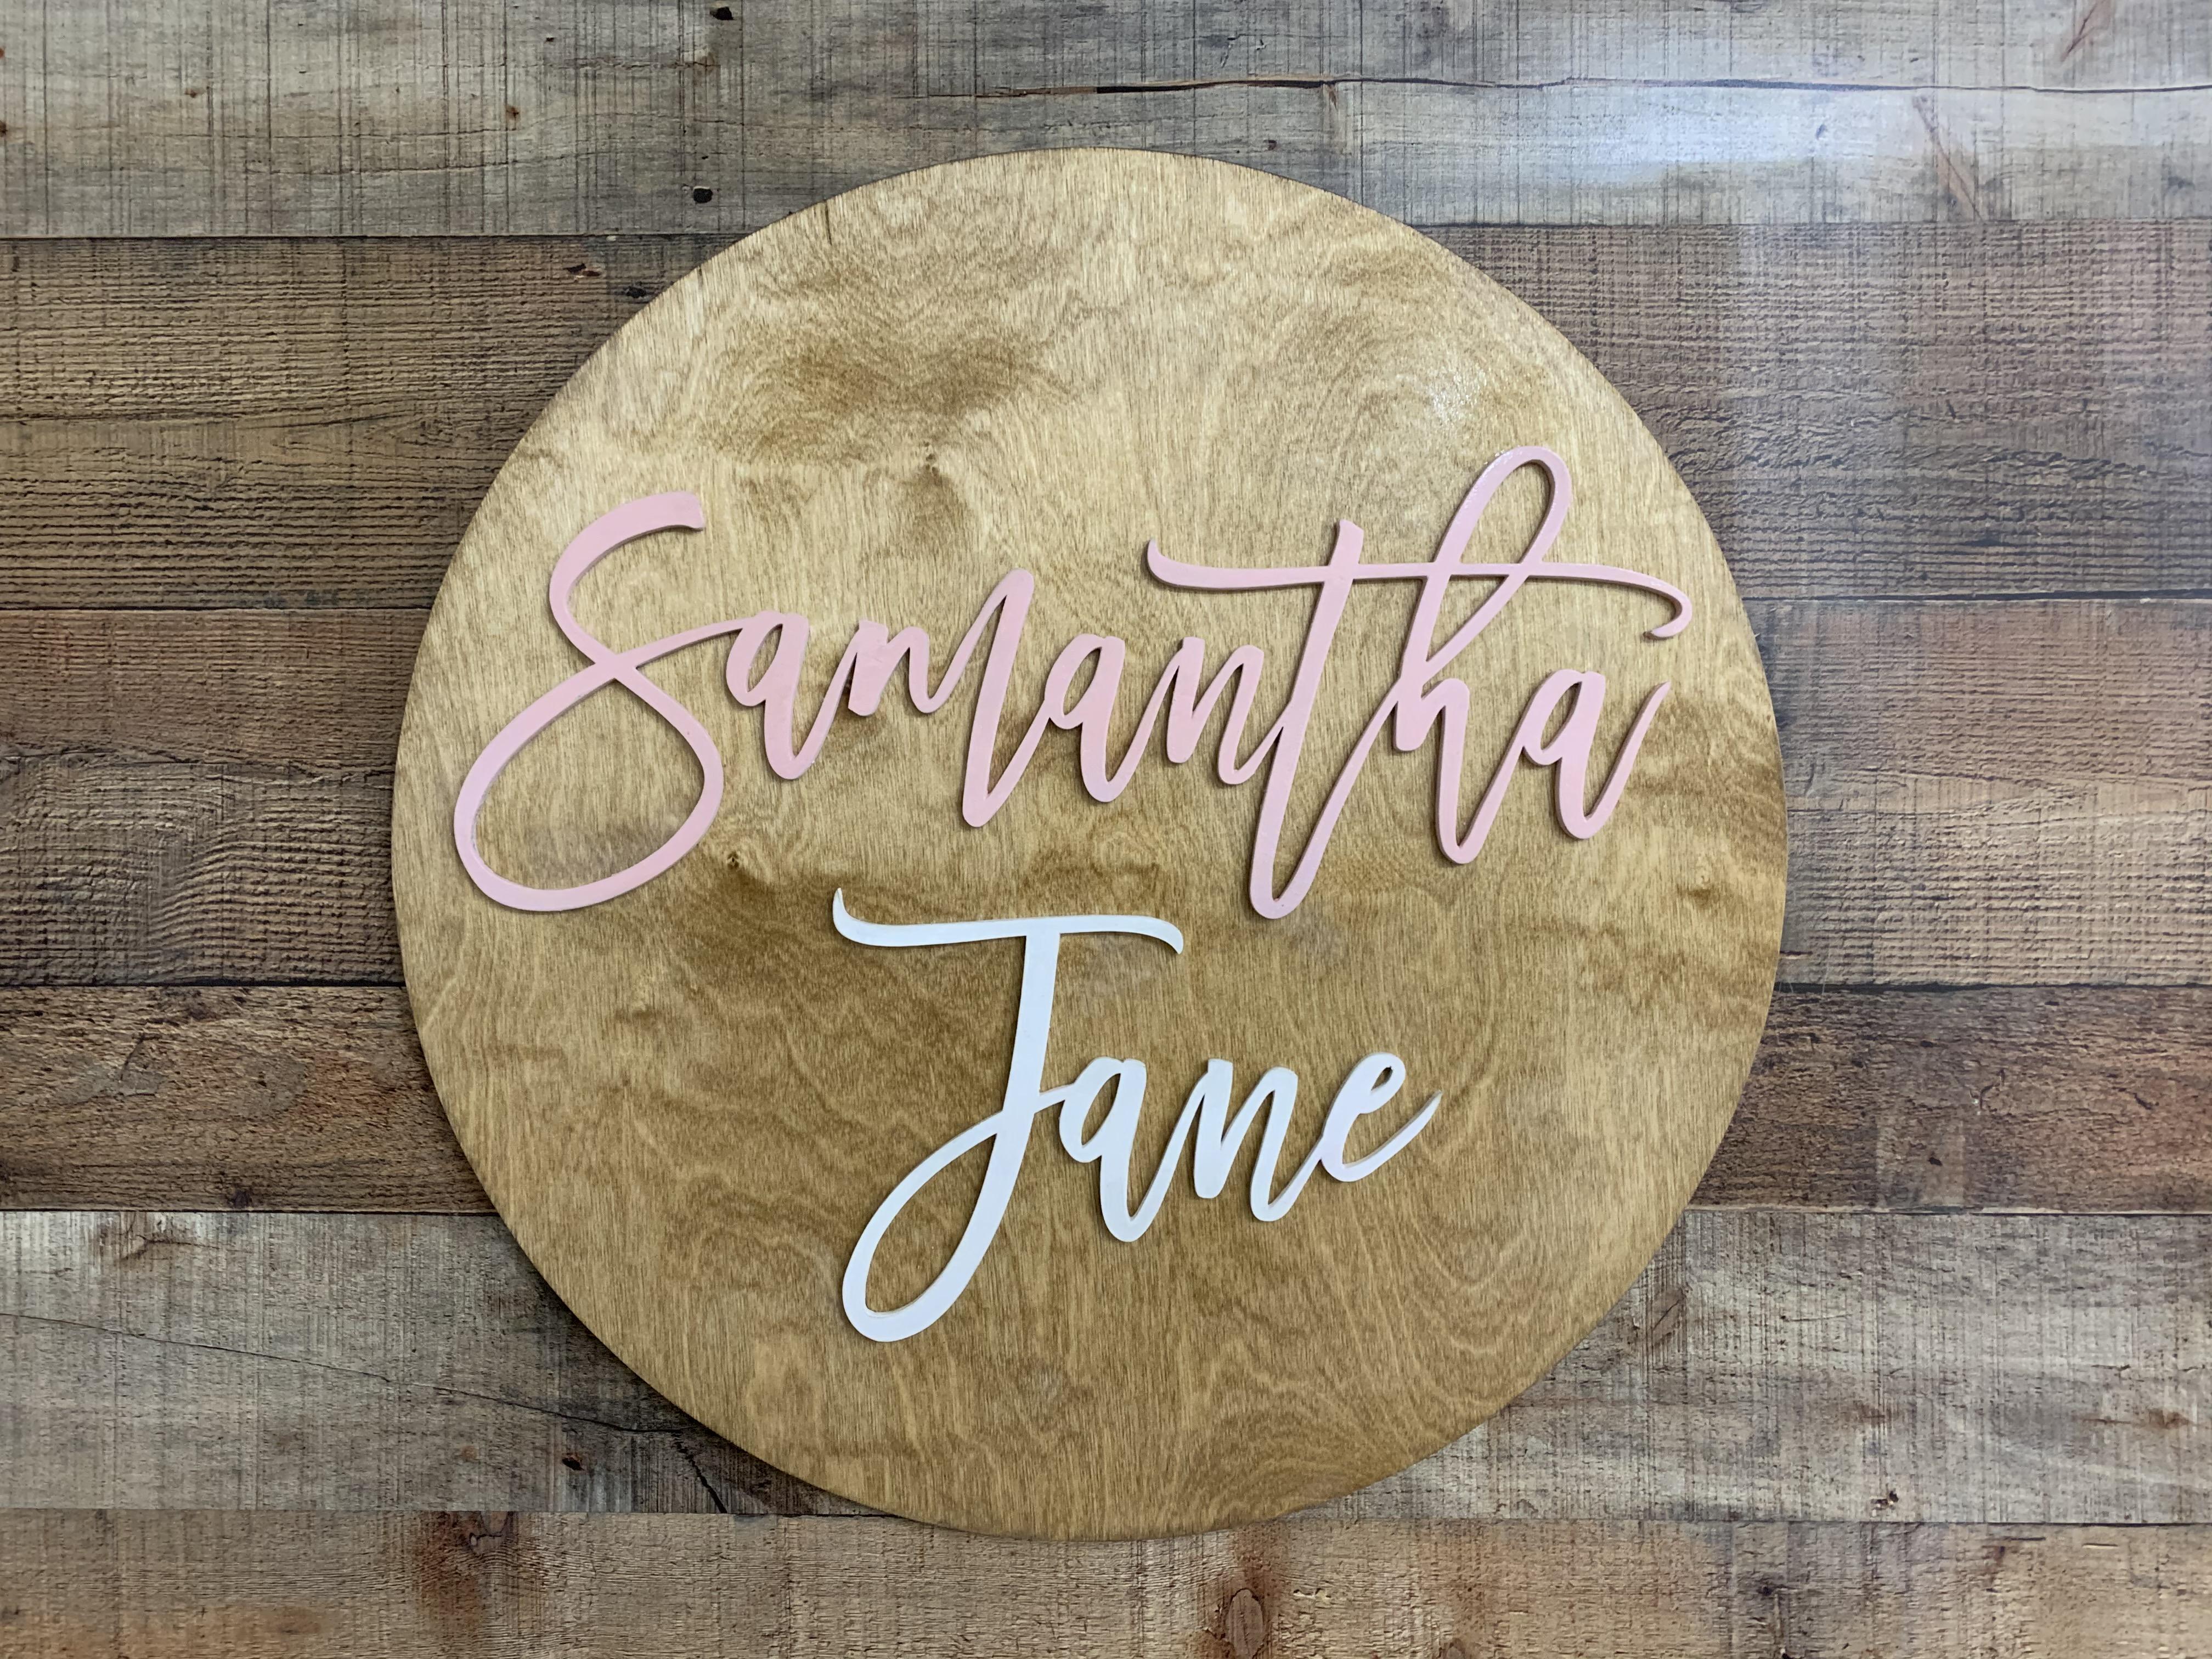 Round Name Sign-Samantha Jane